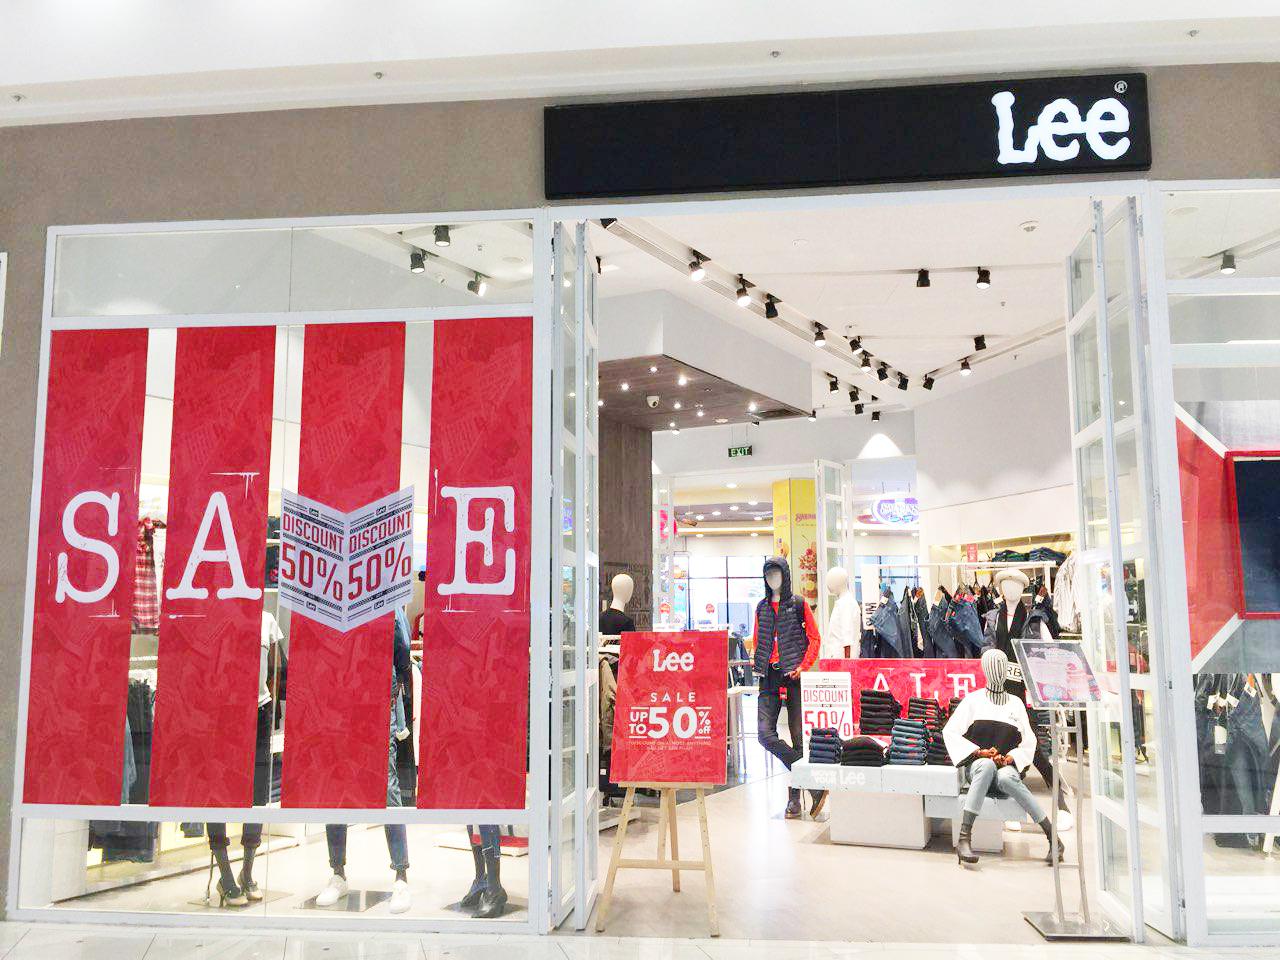 Cơ hội săn hàng giảm giá mùa Black Friday dành cho fan của Lee, Marks&Spencer - Ảnh 5.